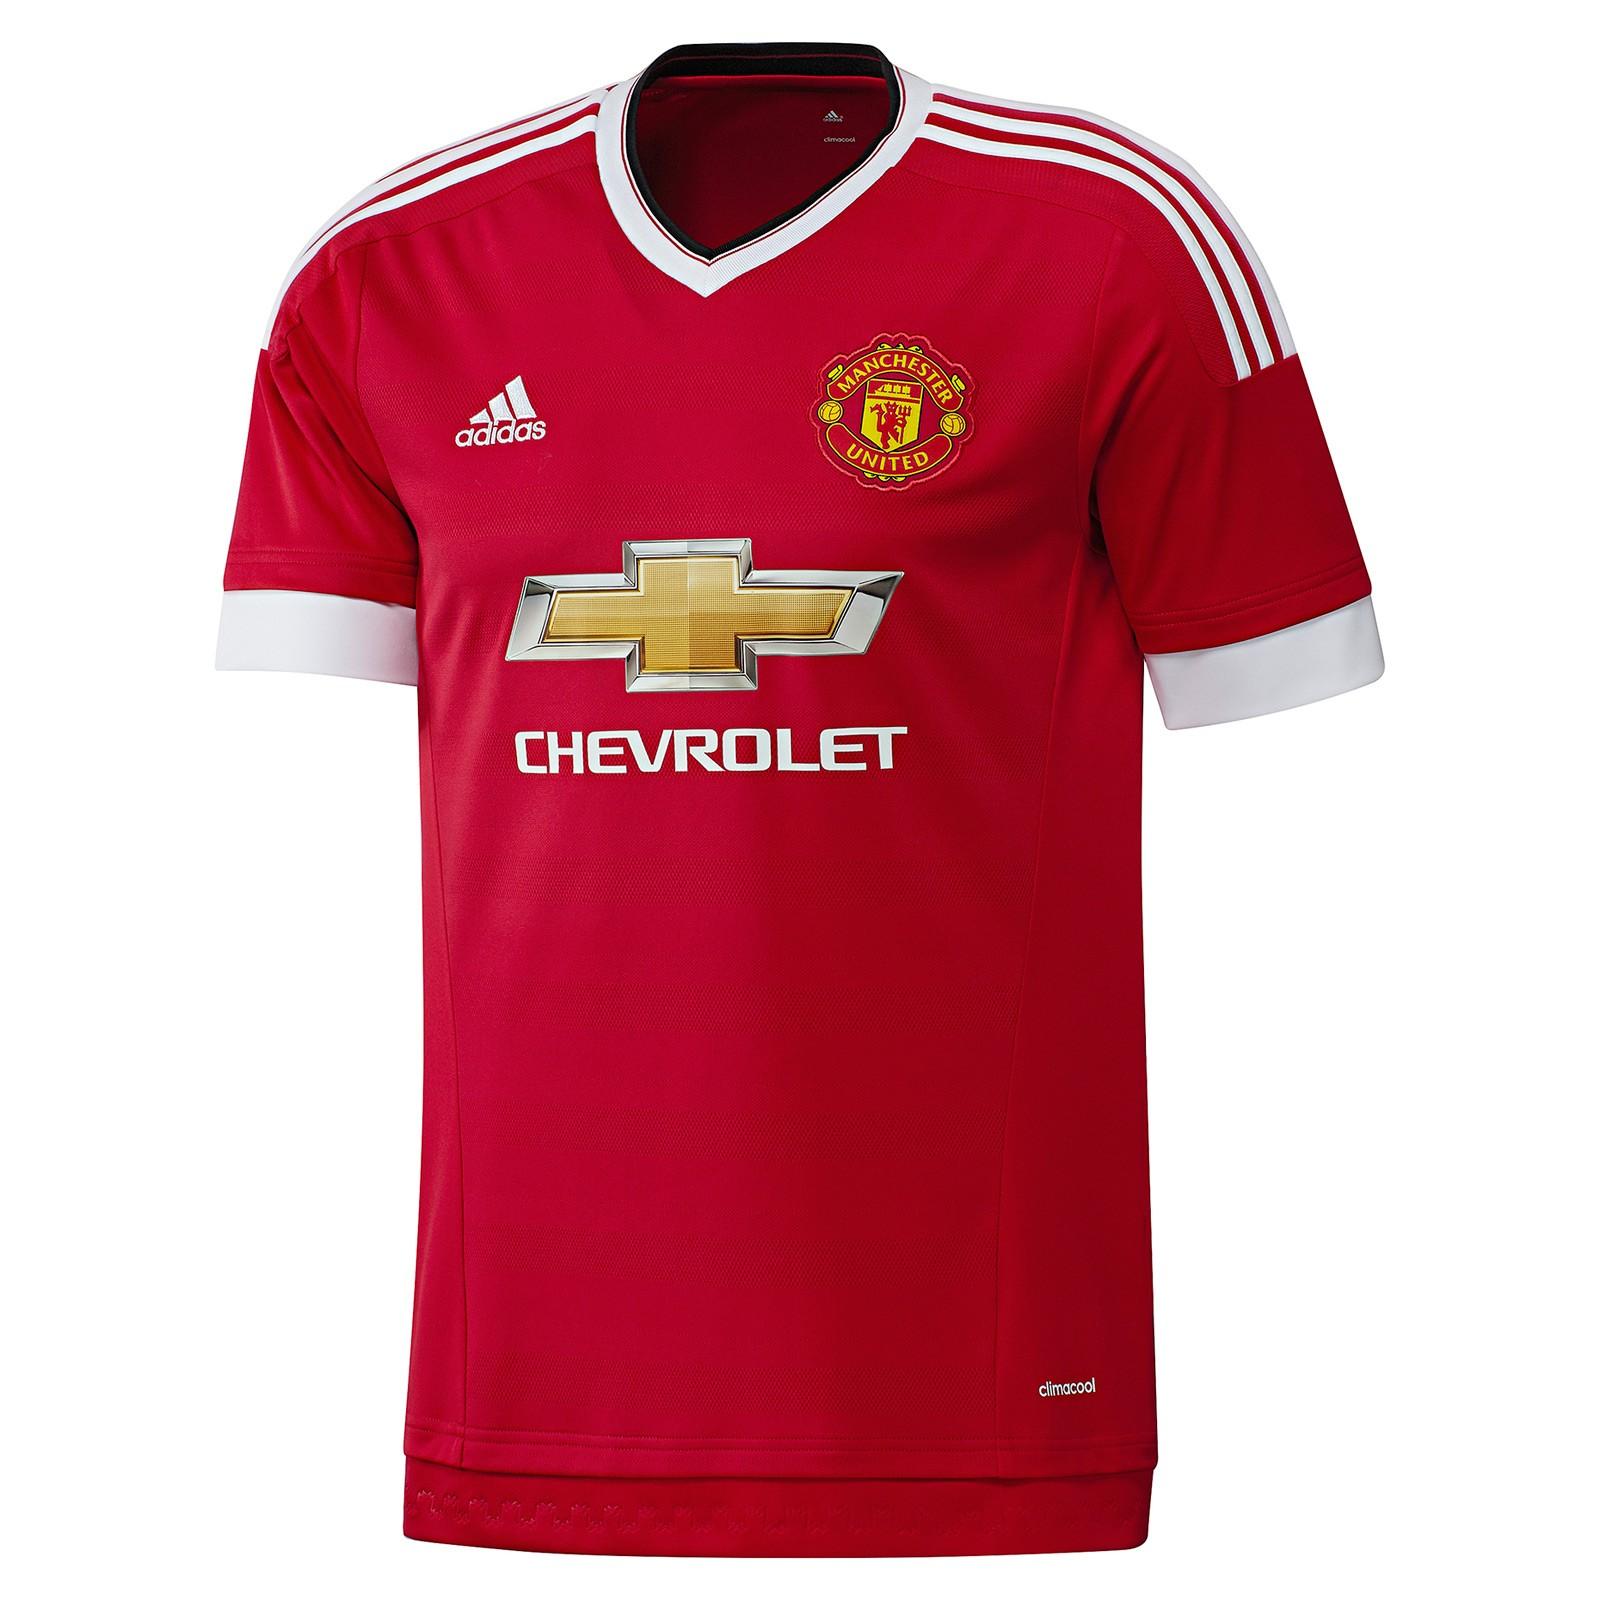 曼彻斯特联2015-16赛季球迷版主场球衣